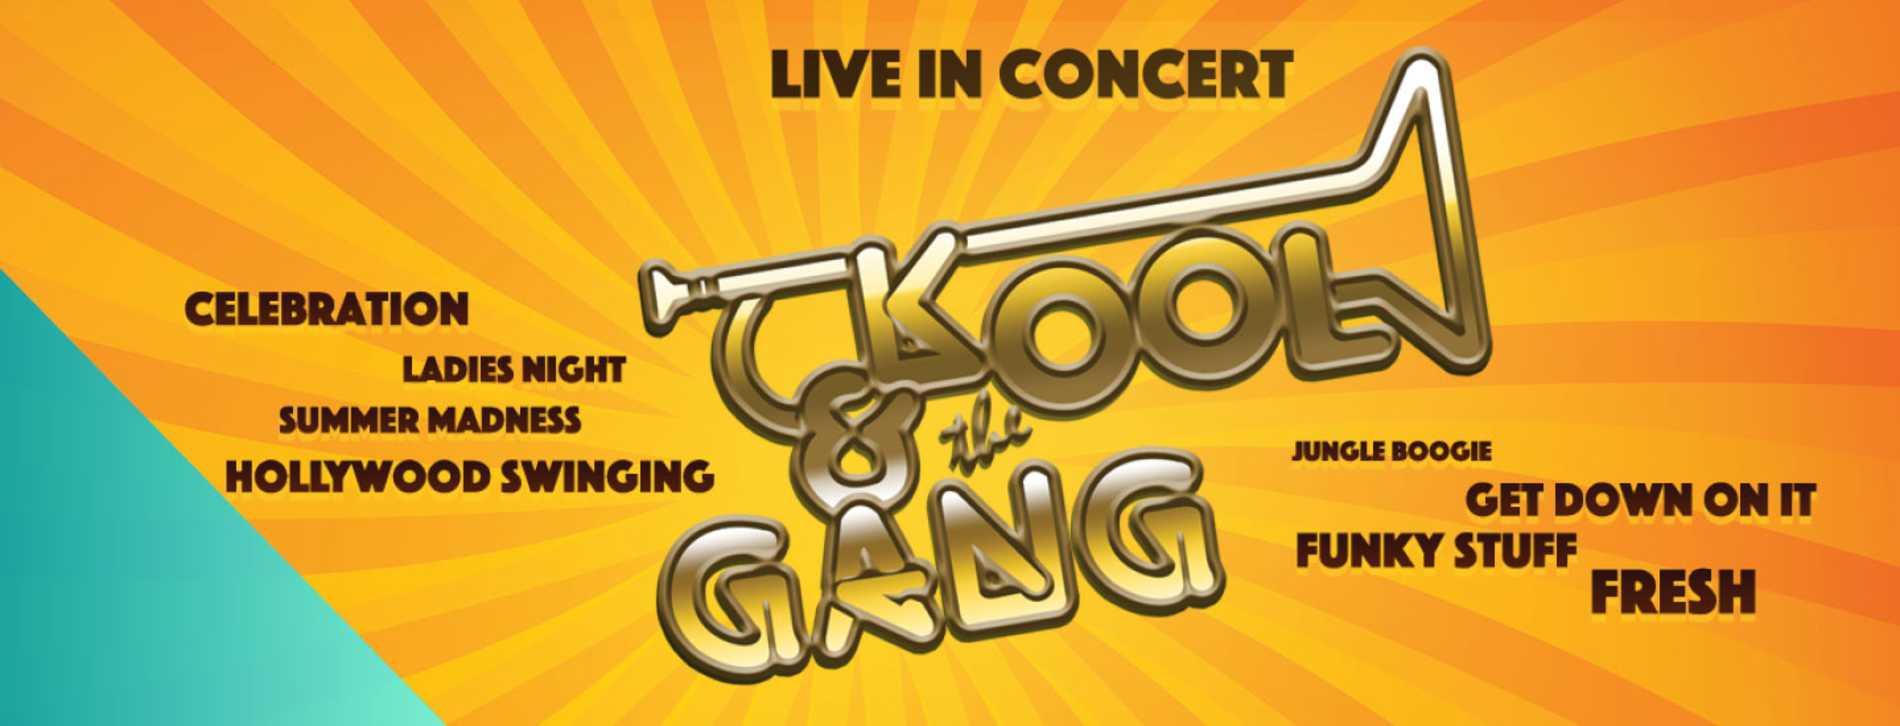 Kool The Gang